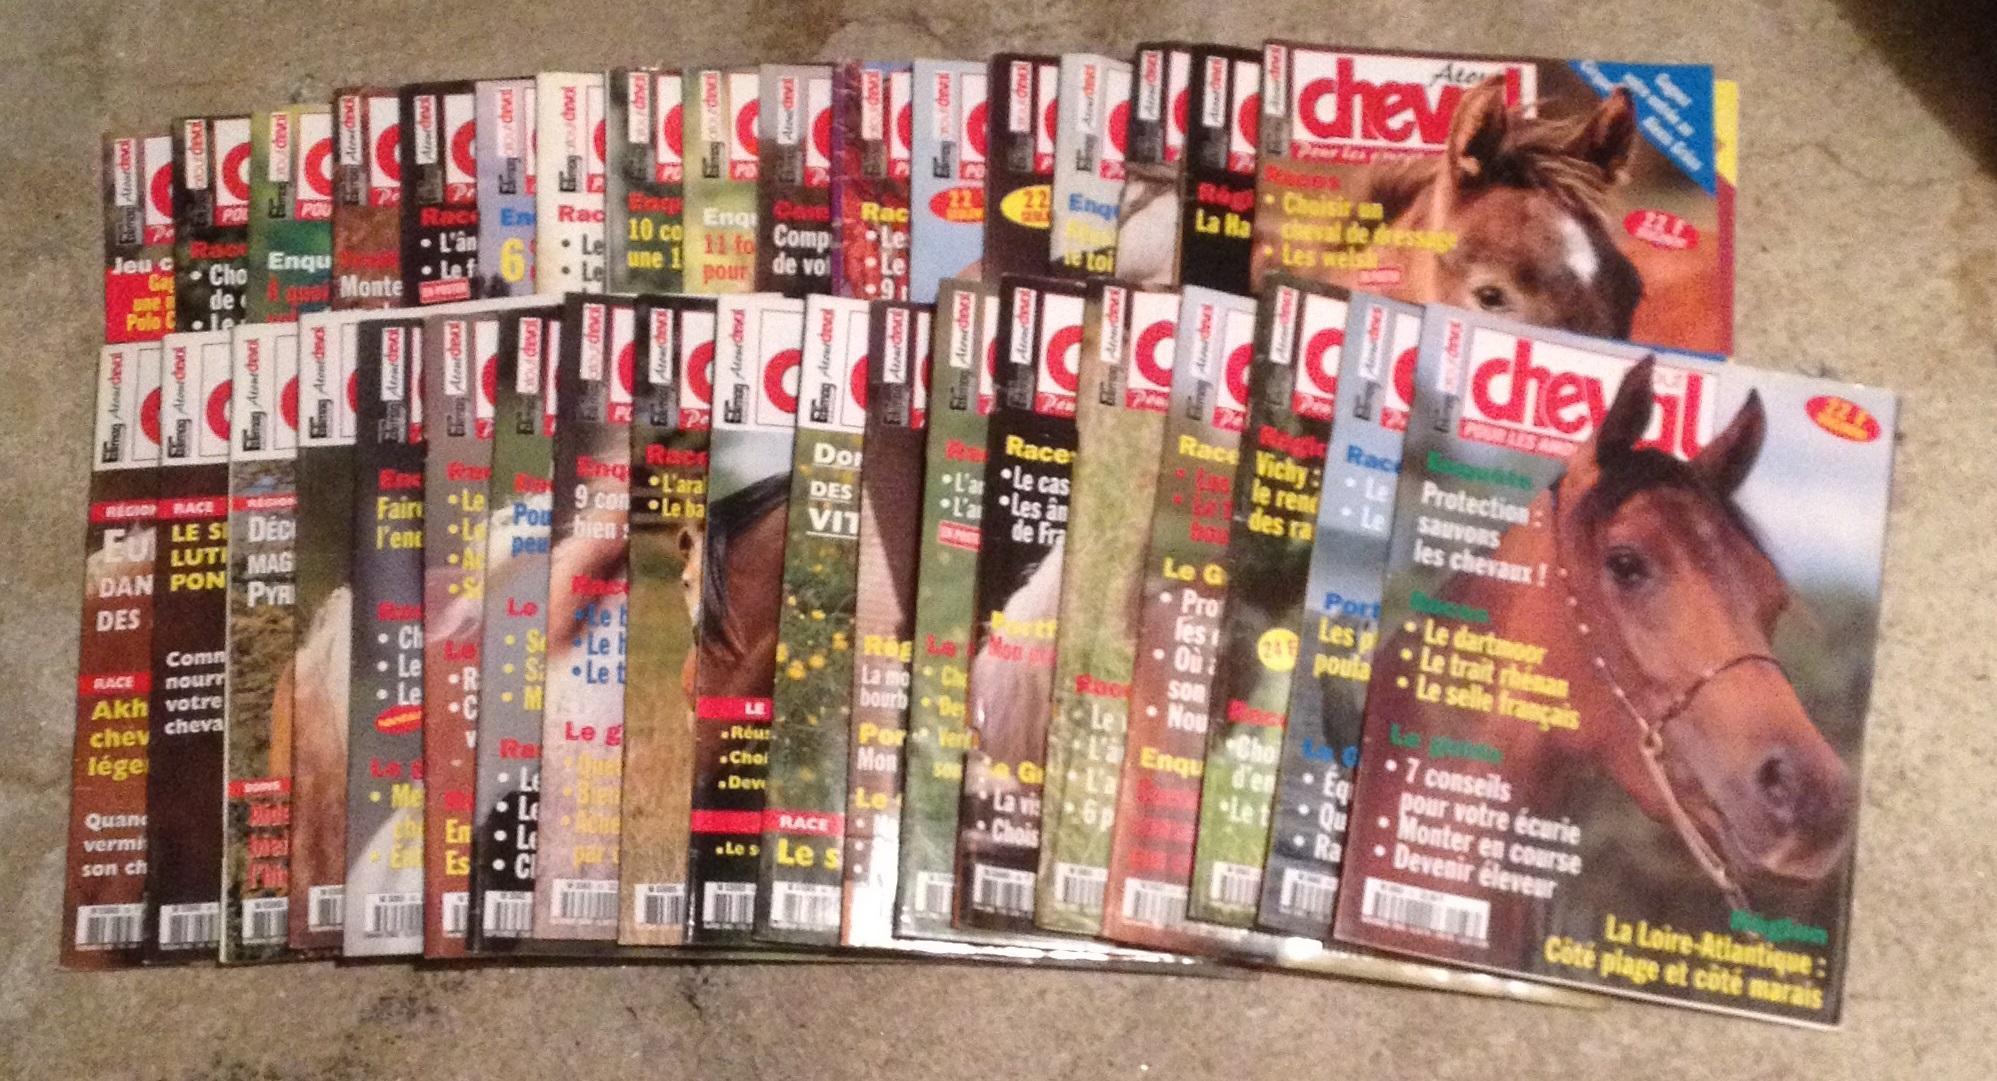 troc de troc 3 lots de magazine équestre image 2